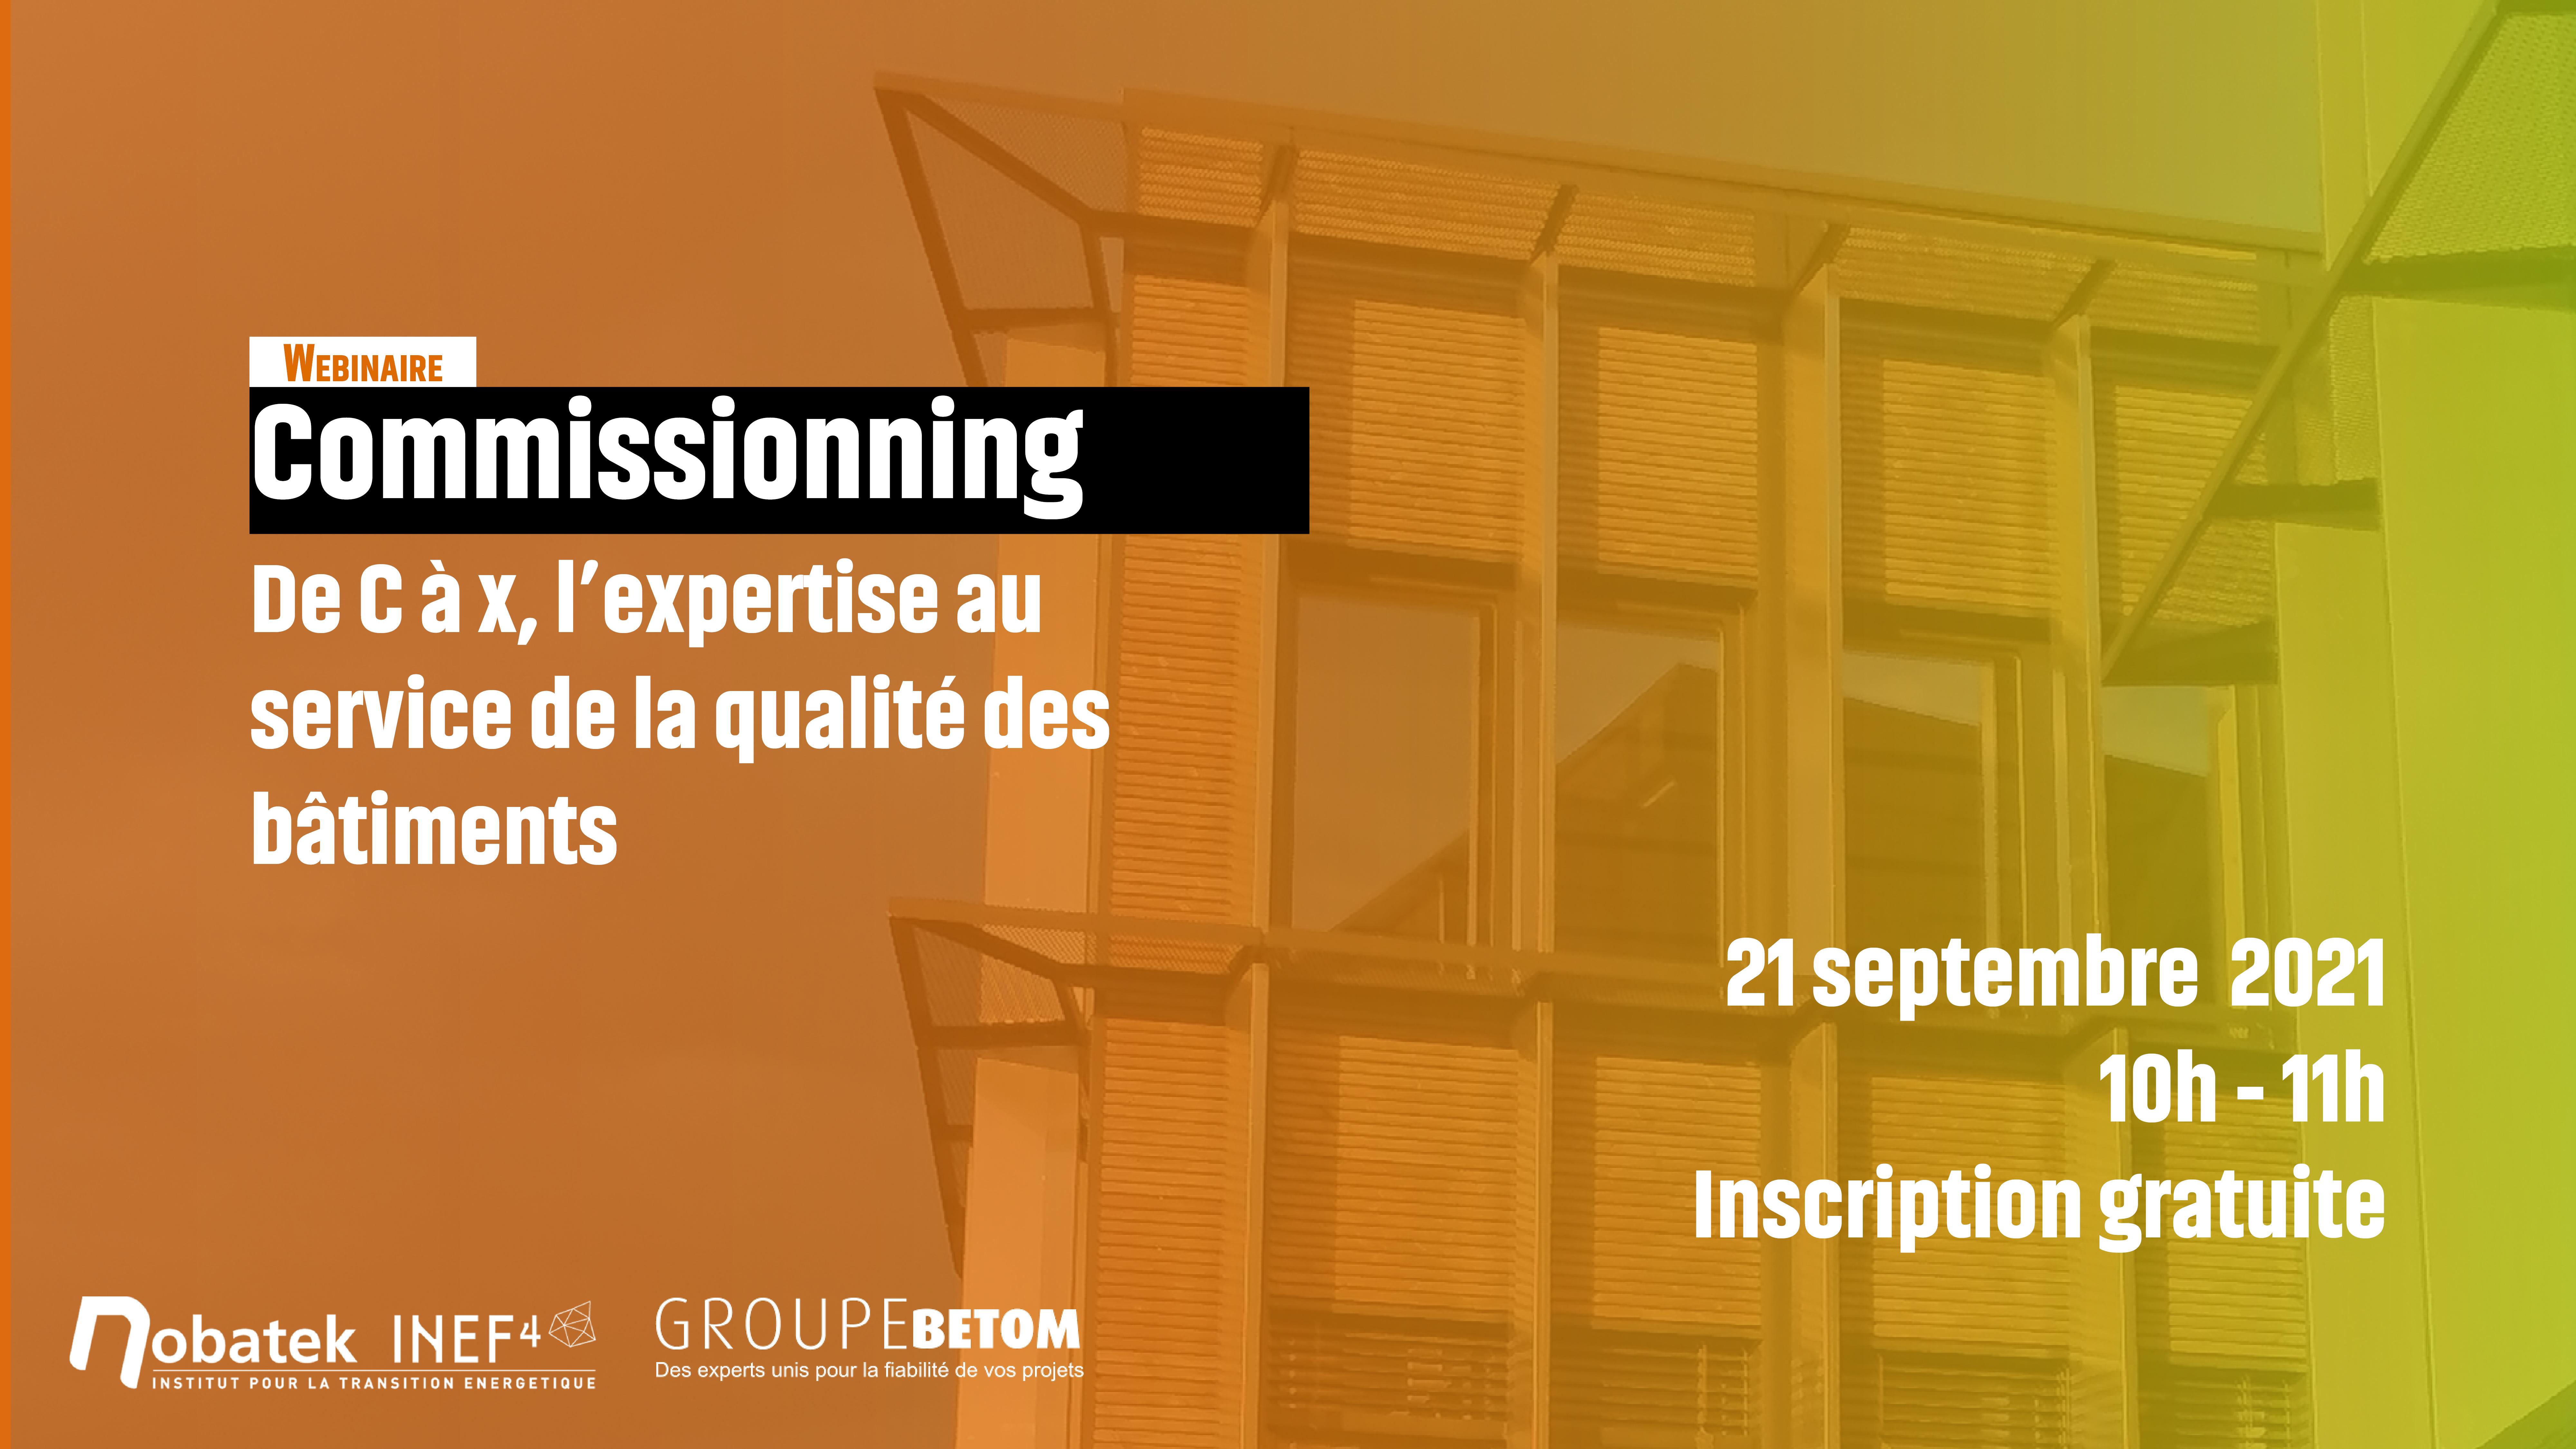 Commissionning : de C à x, l'expertise au service de la qualité des bâtiments